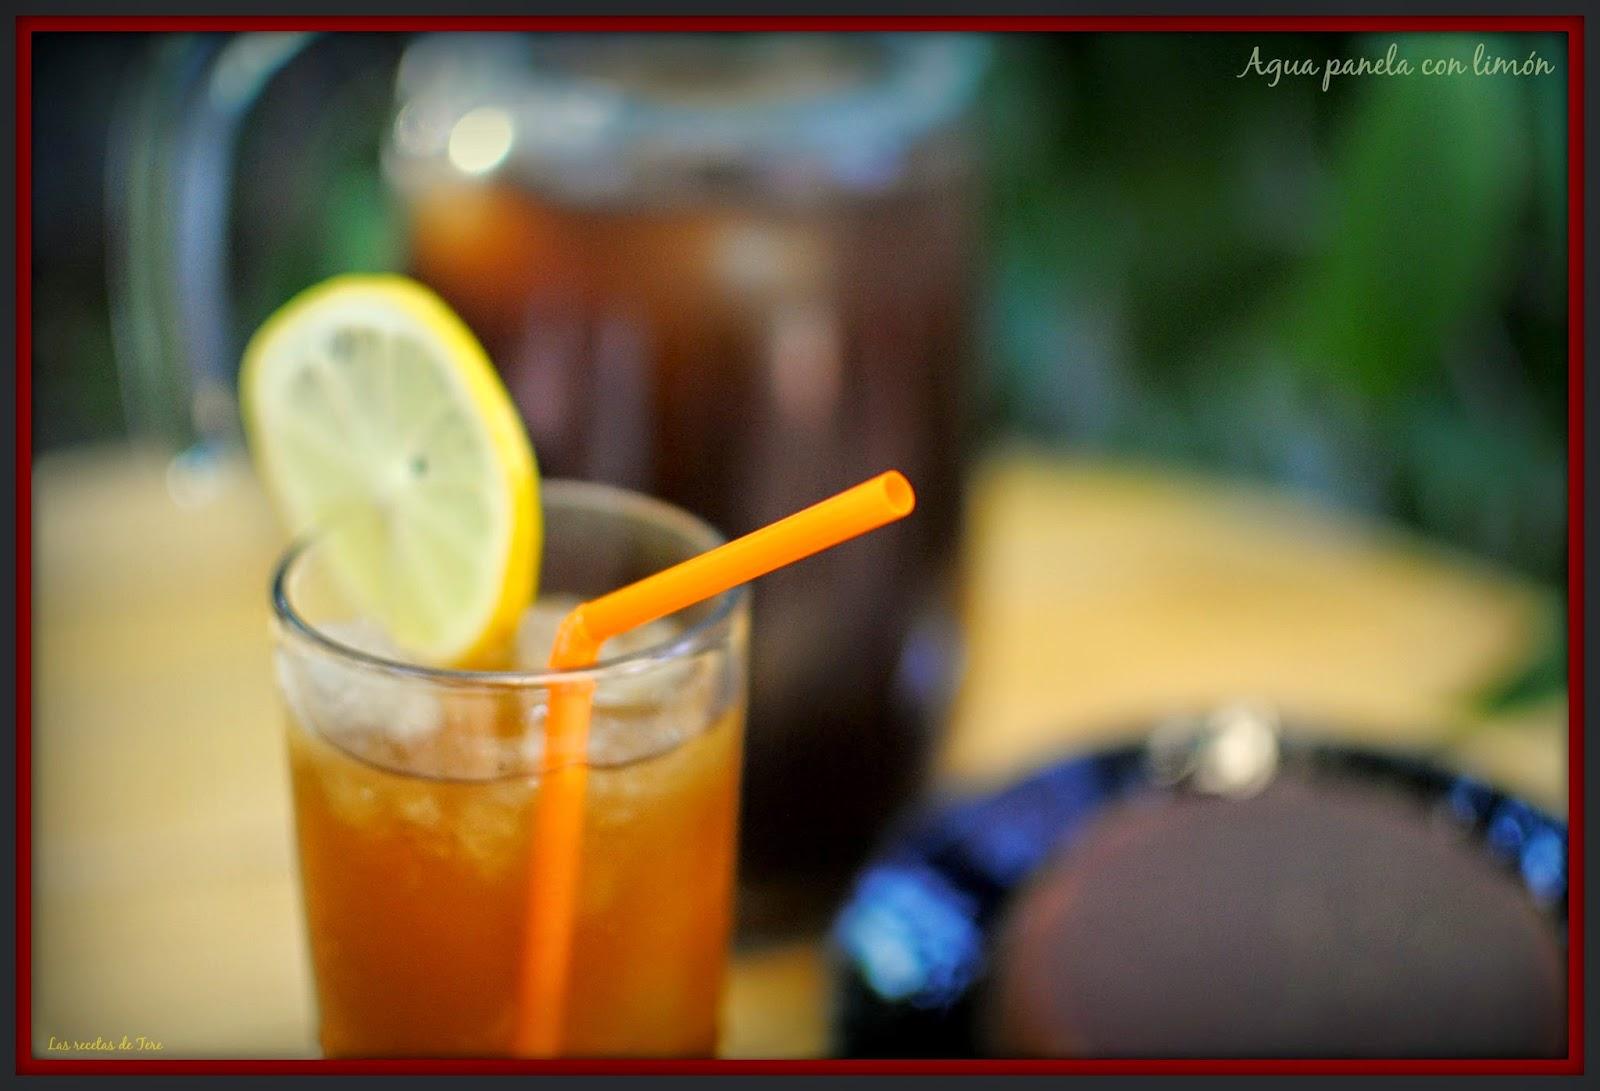 agua panela con limon 04